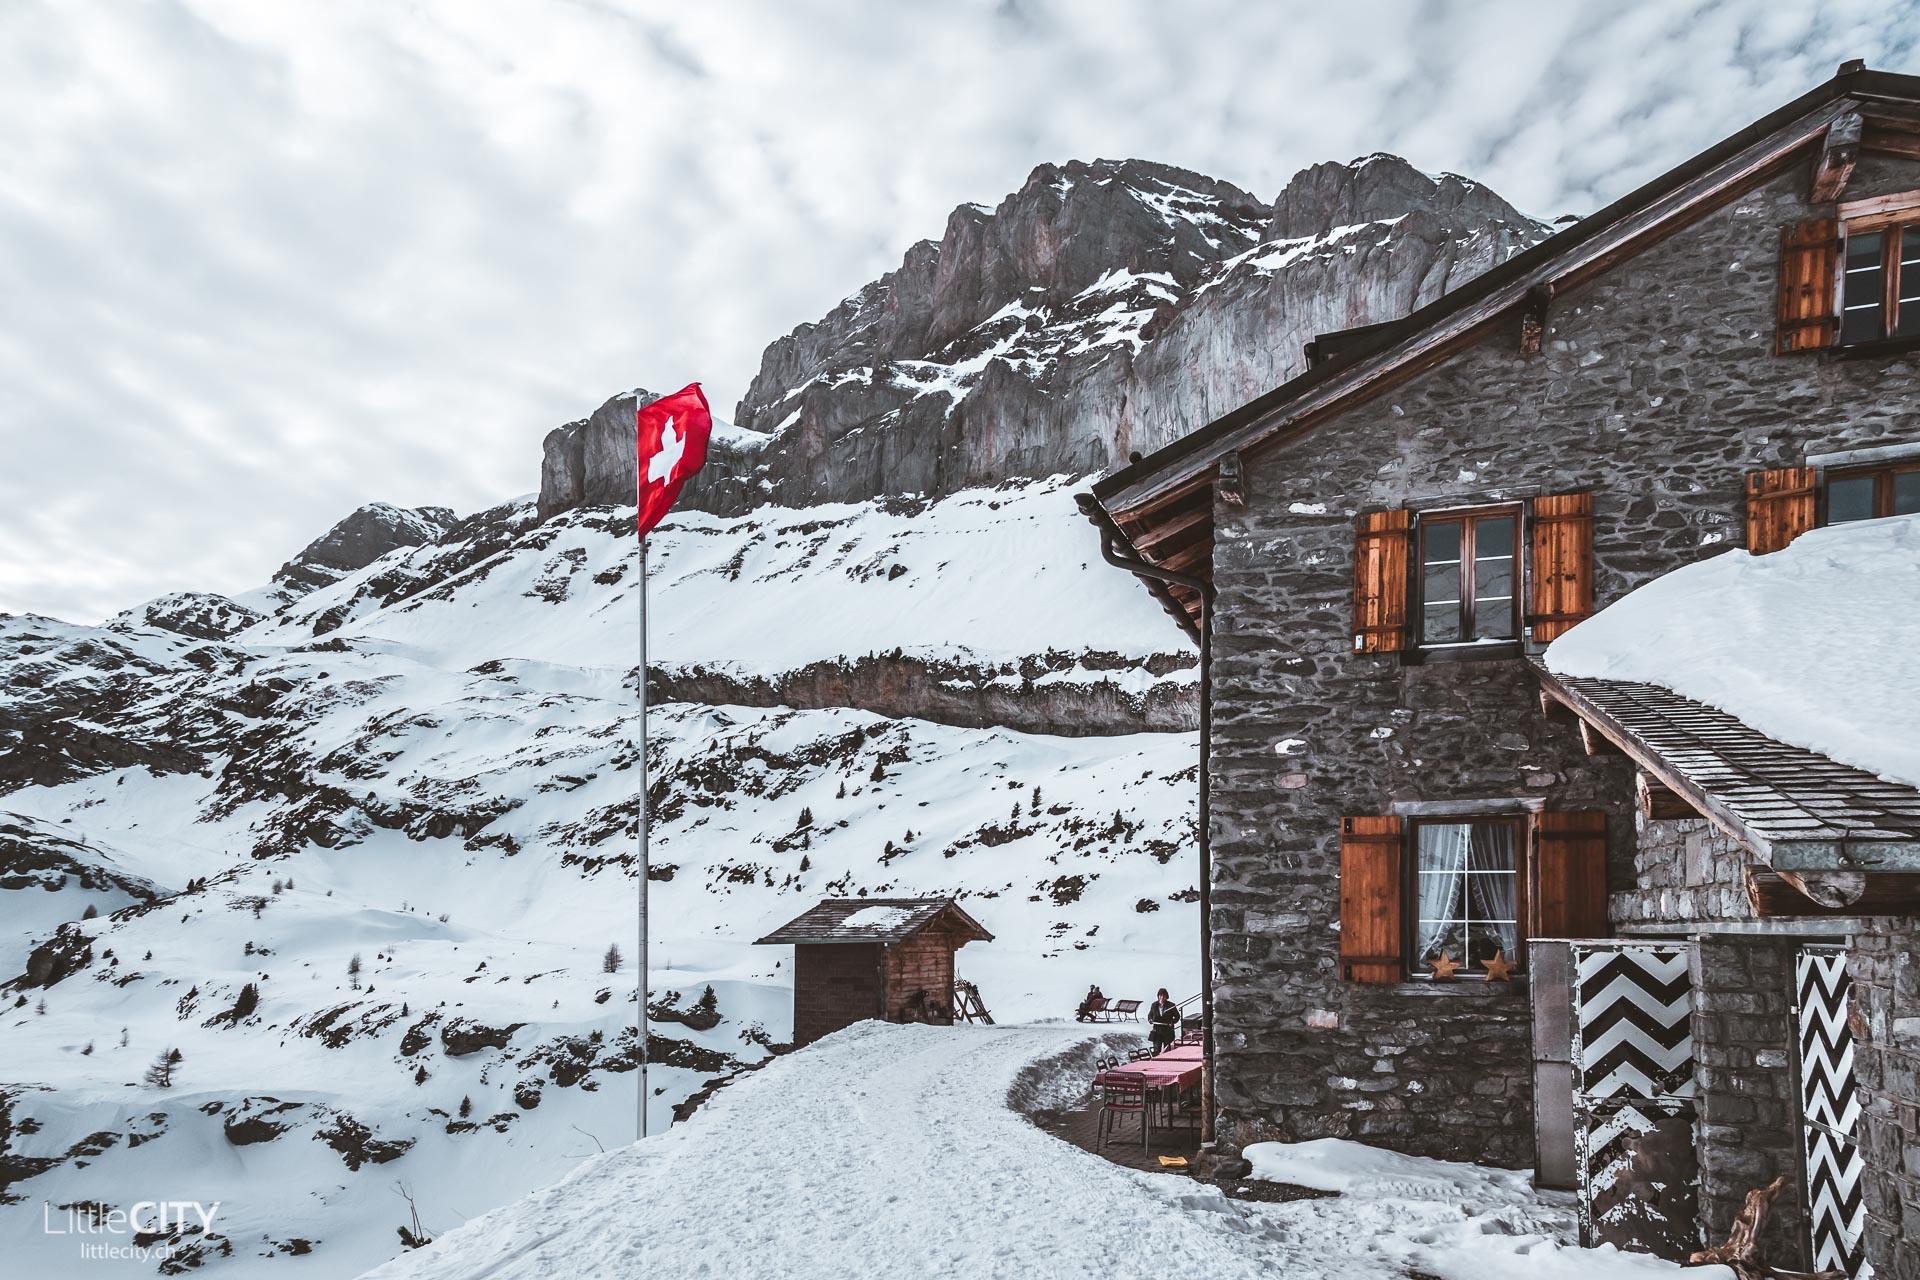 Gemmipass Wanderung Berghotel Warenbach